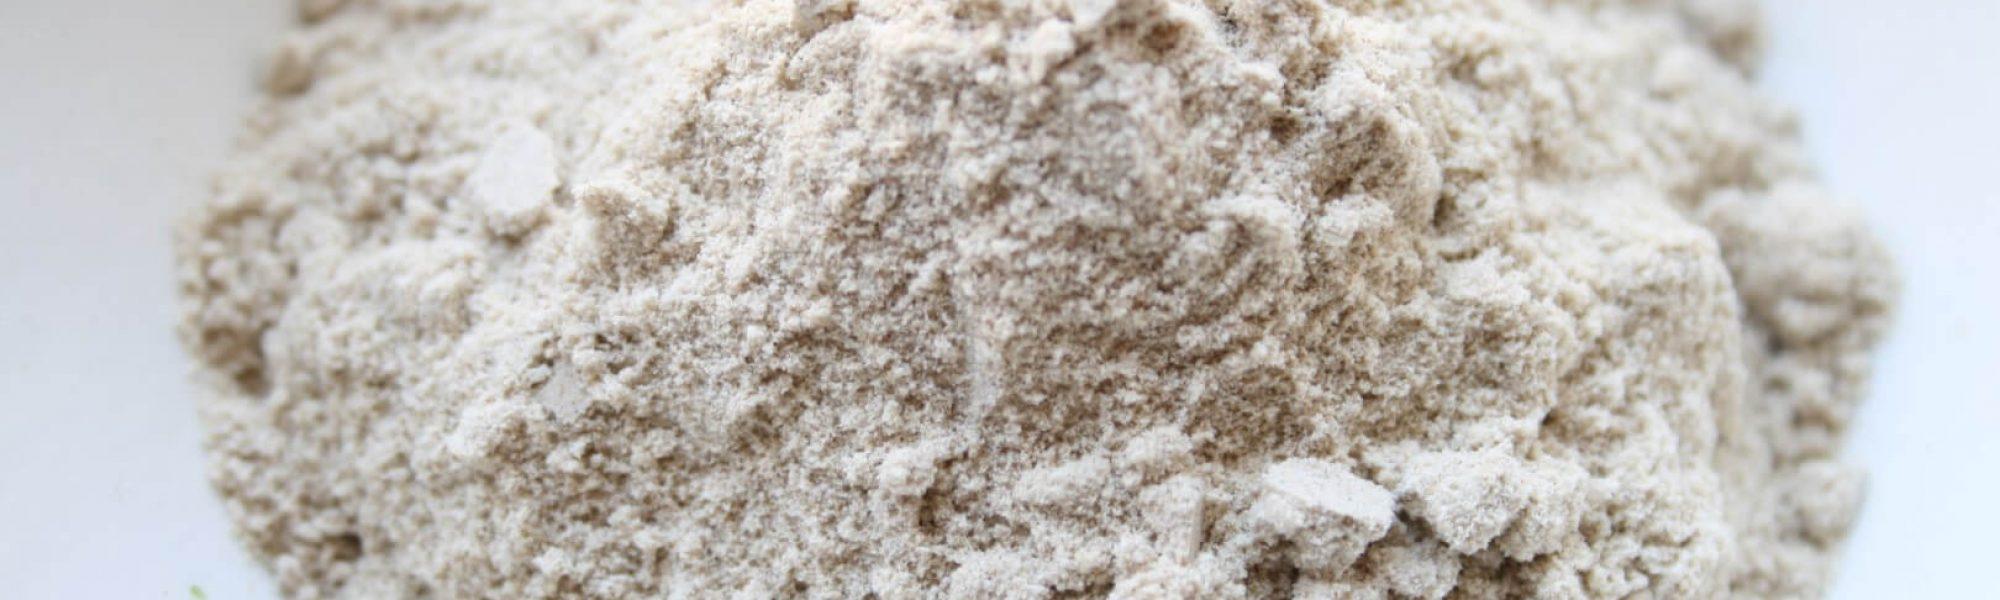 קמח טף יתרונות